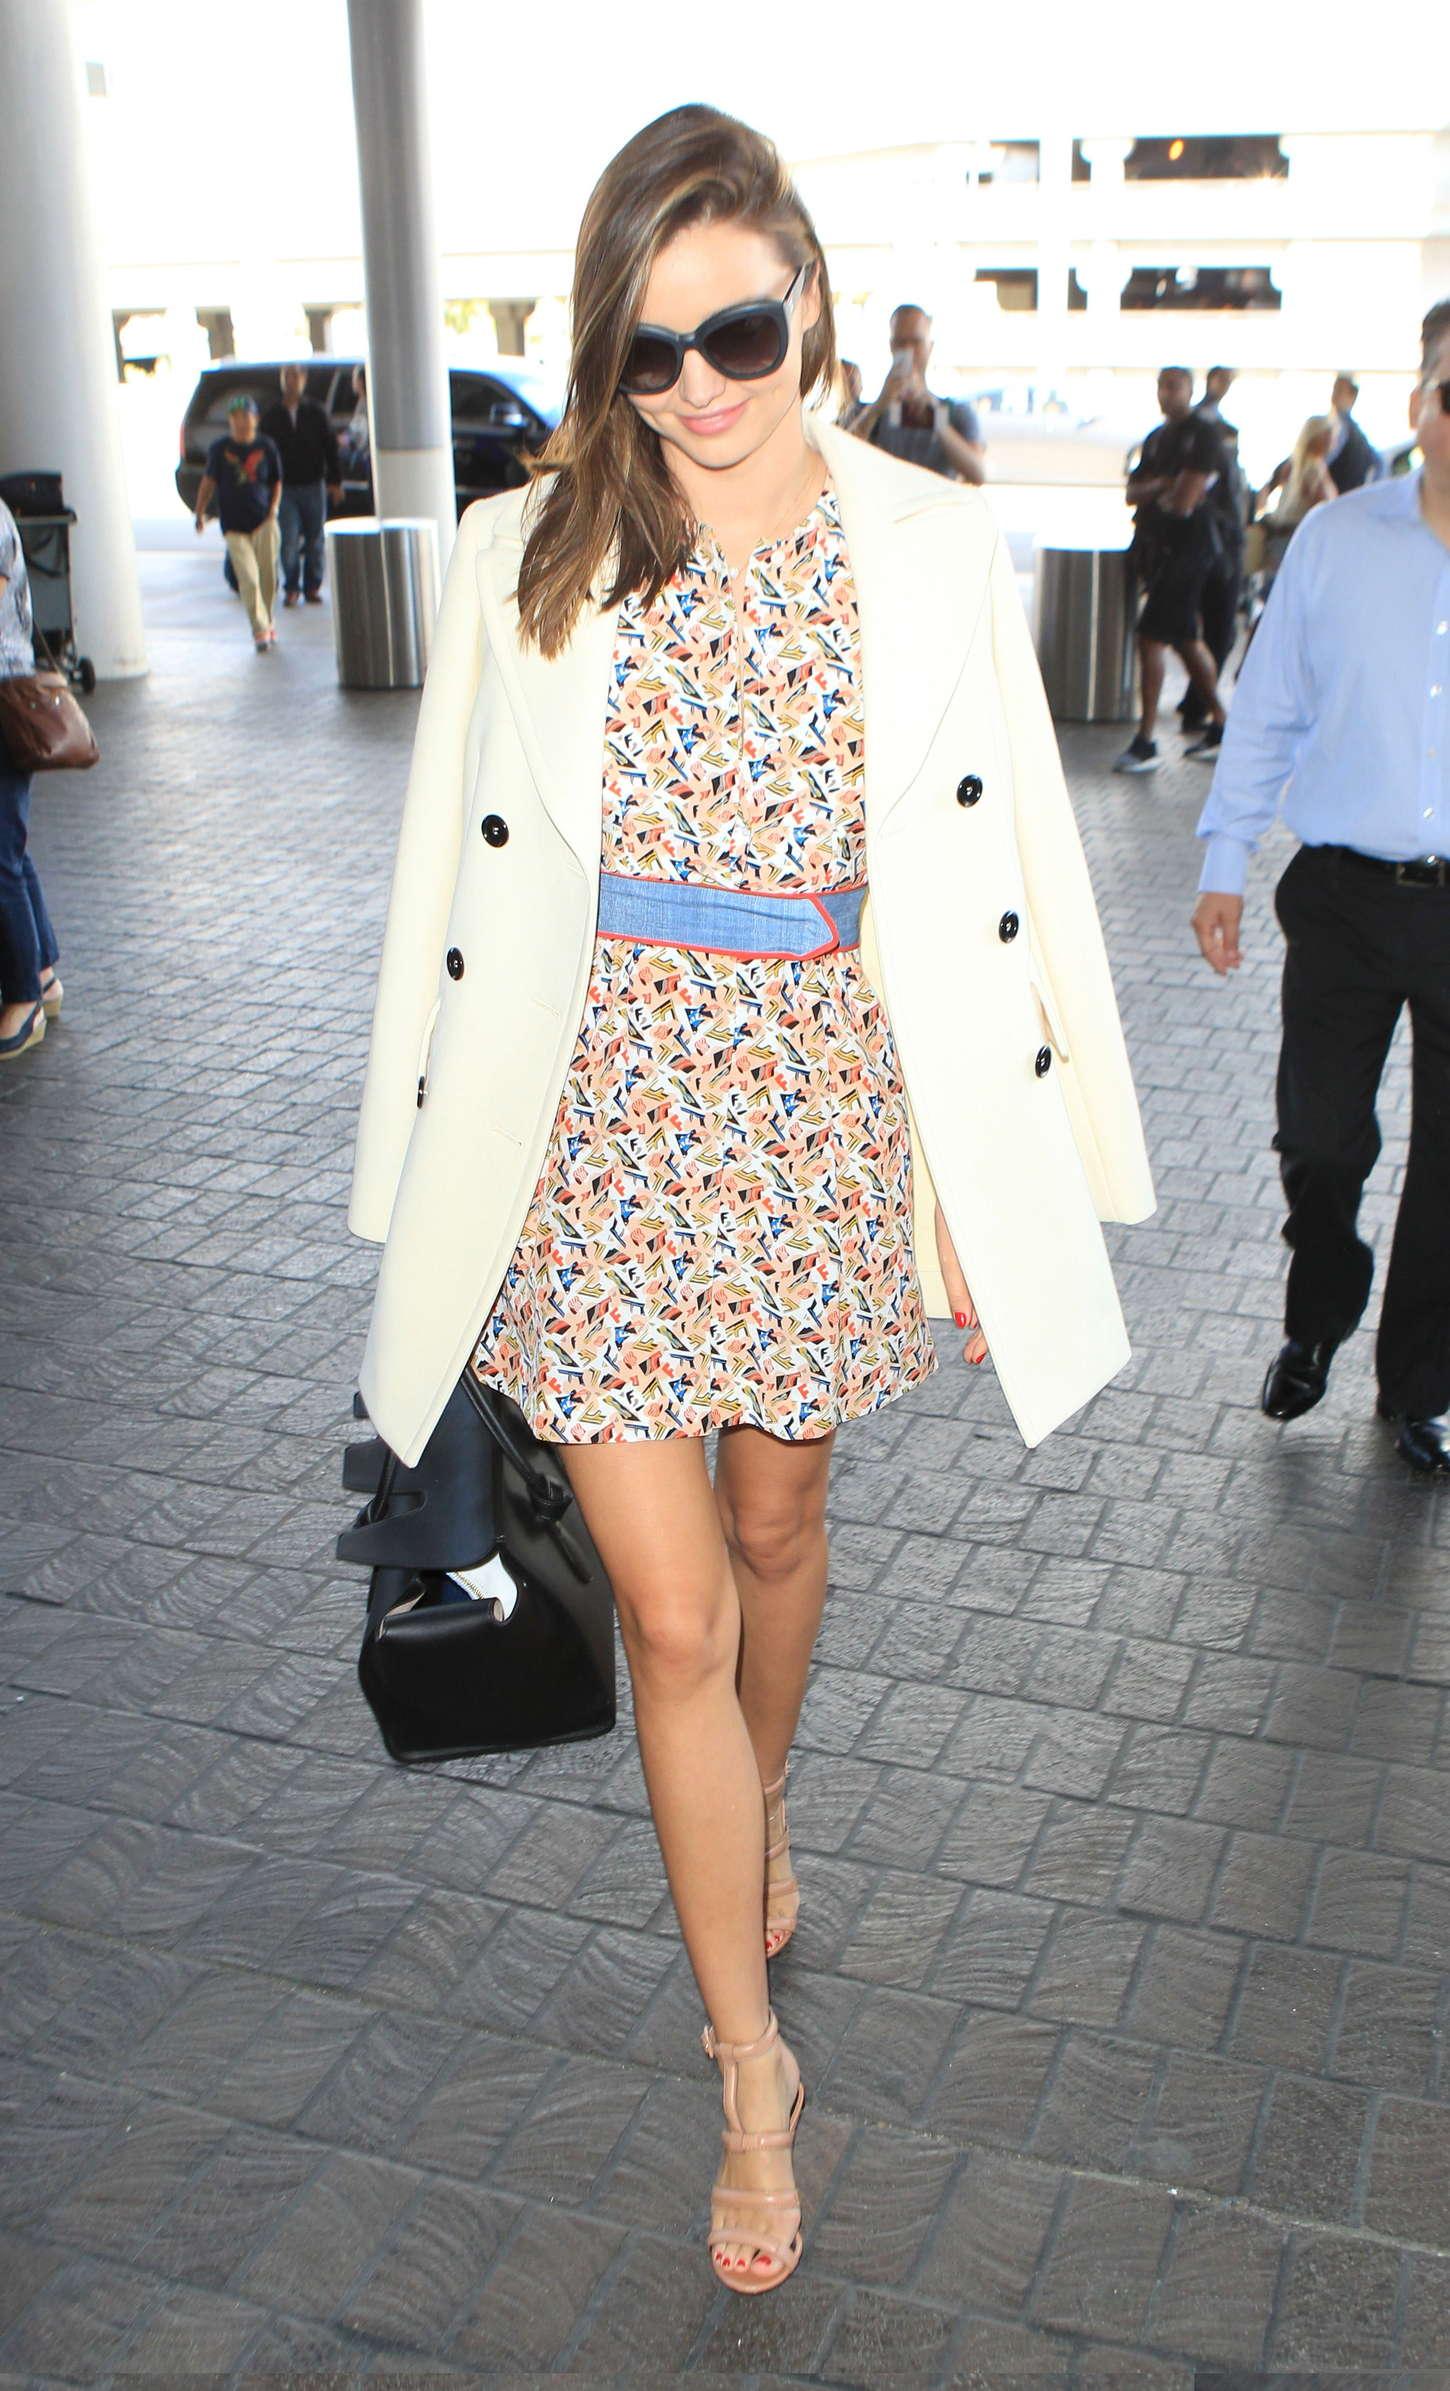 Miranda Kerr in Mini Dress at LAX Airport in LA